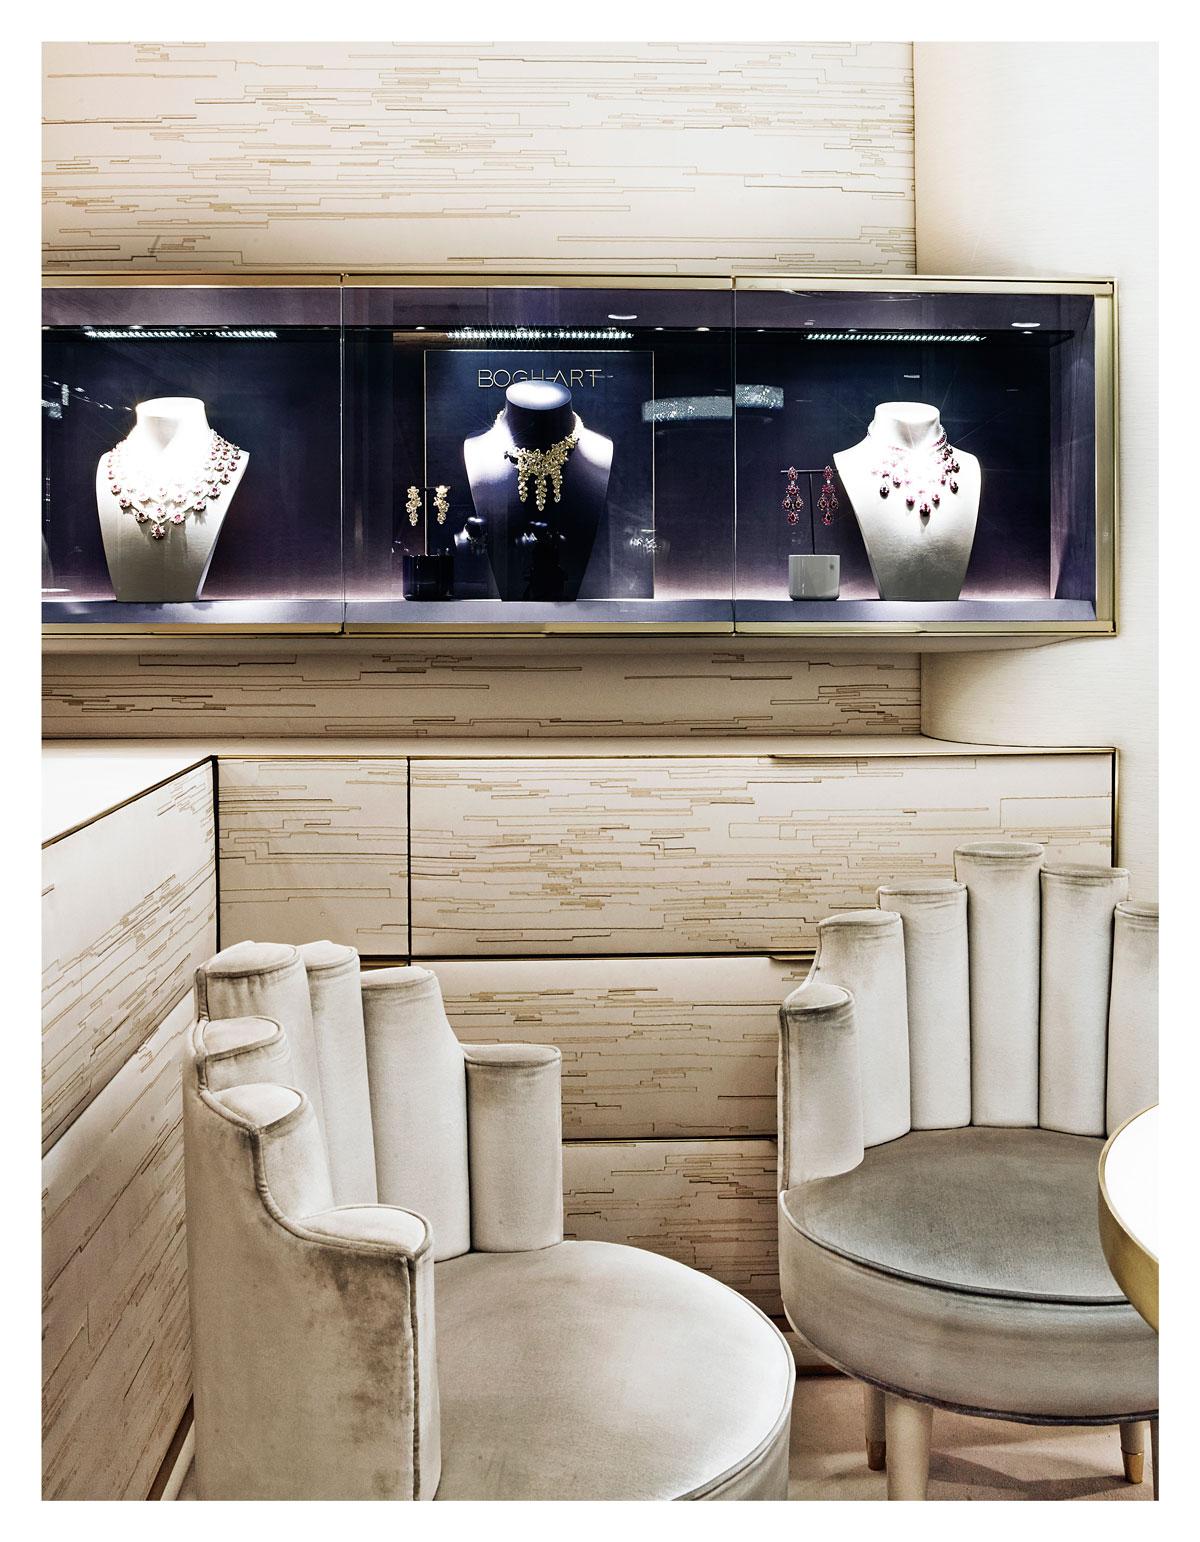 Serge-castella-interiors-boutique-03